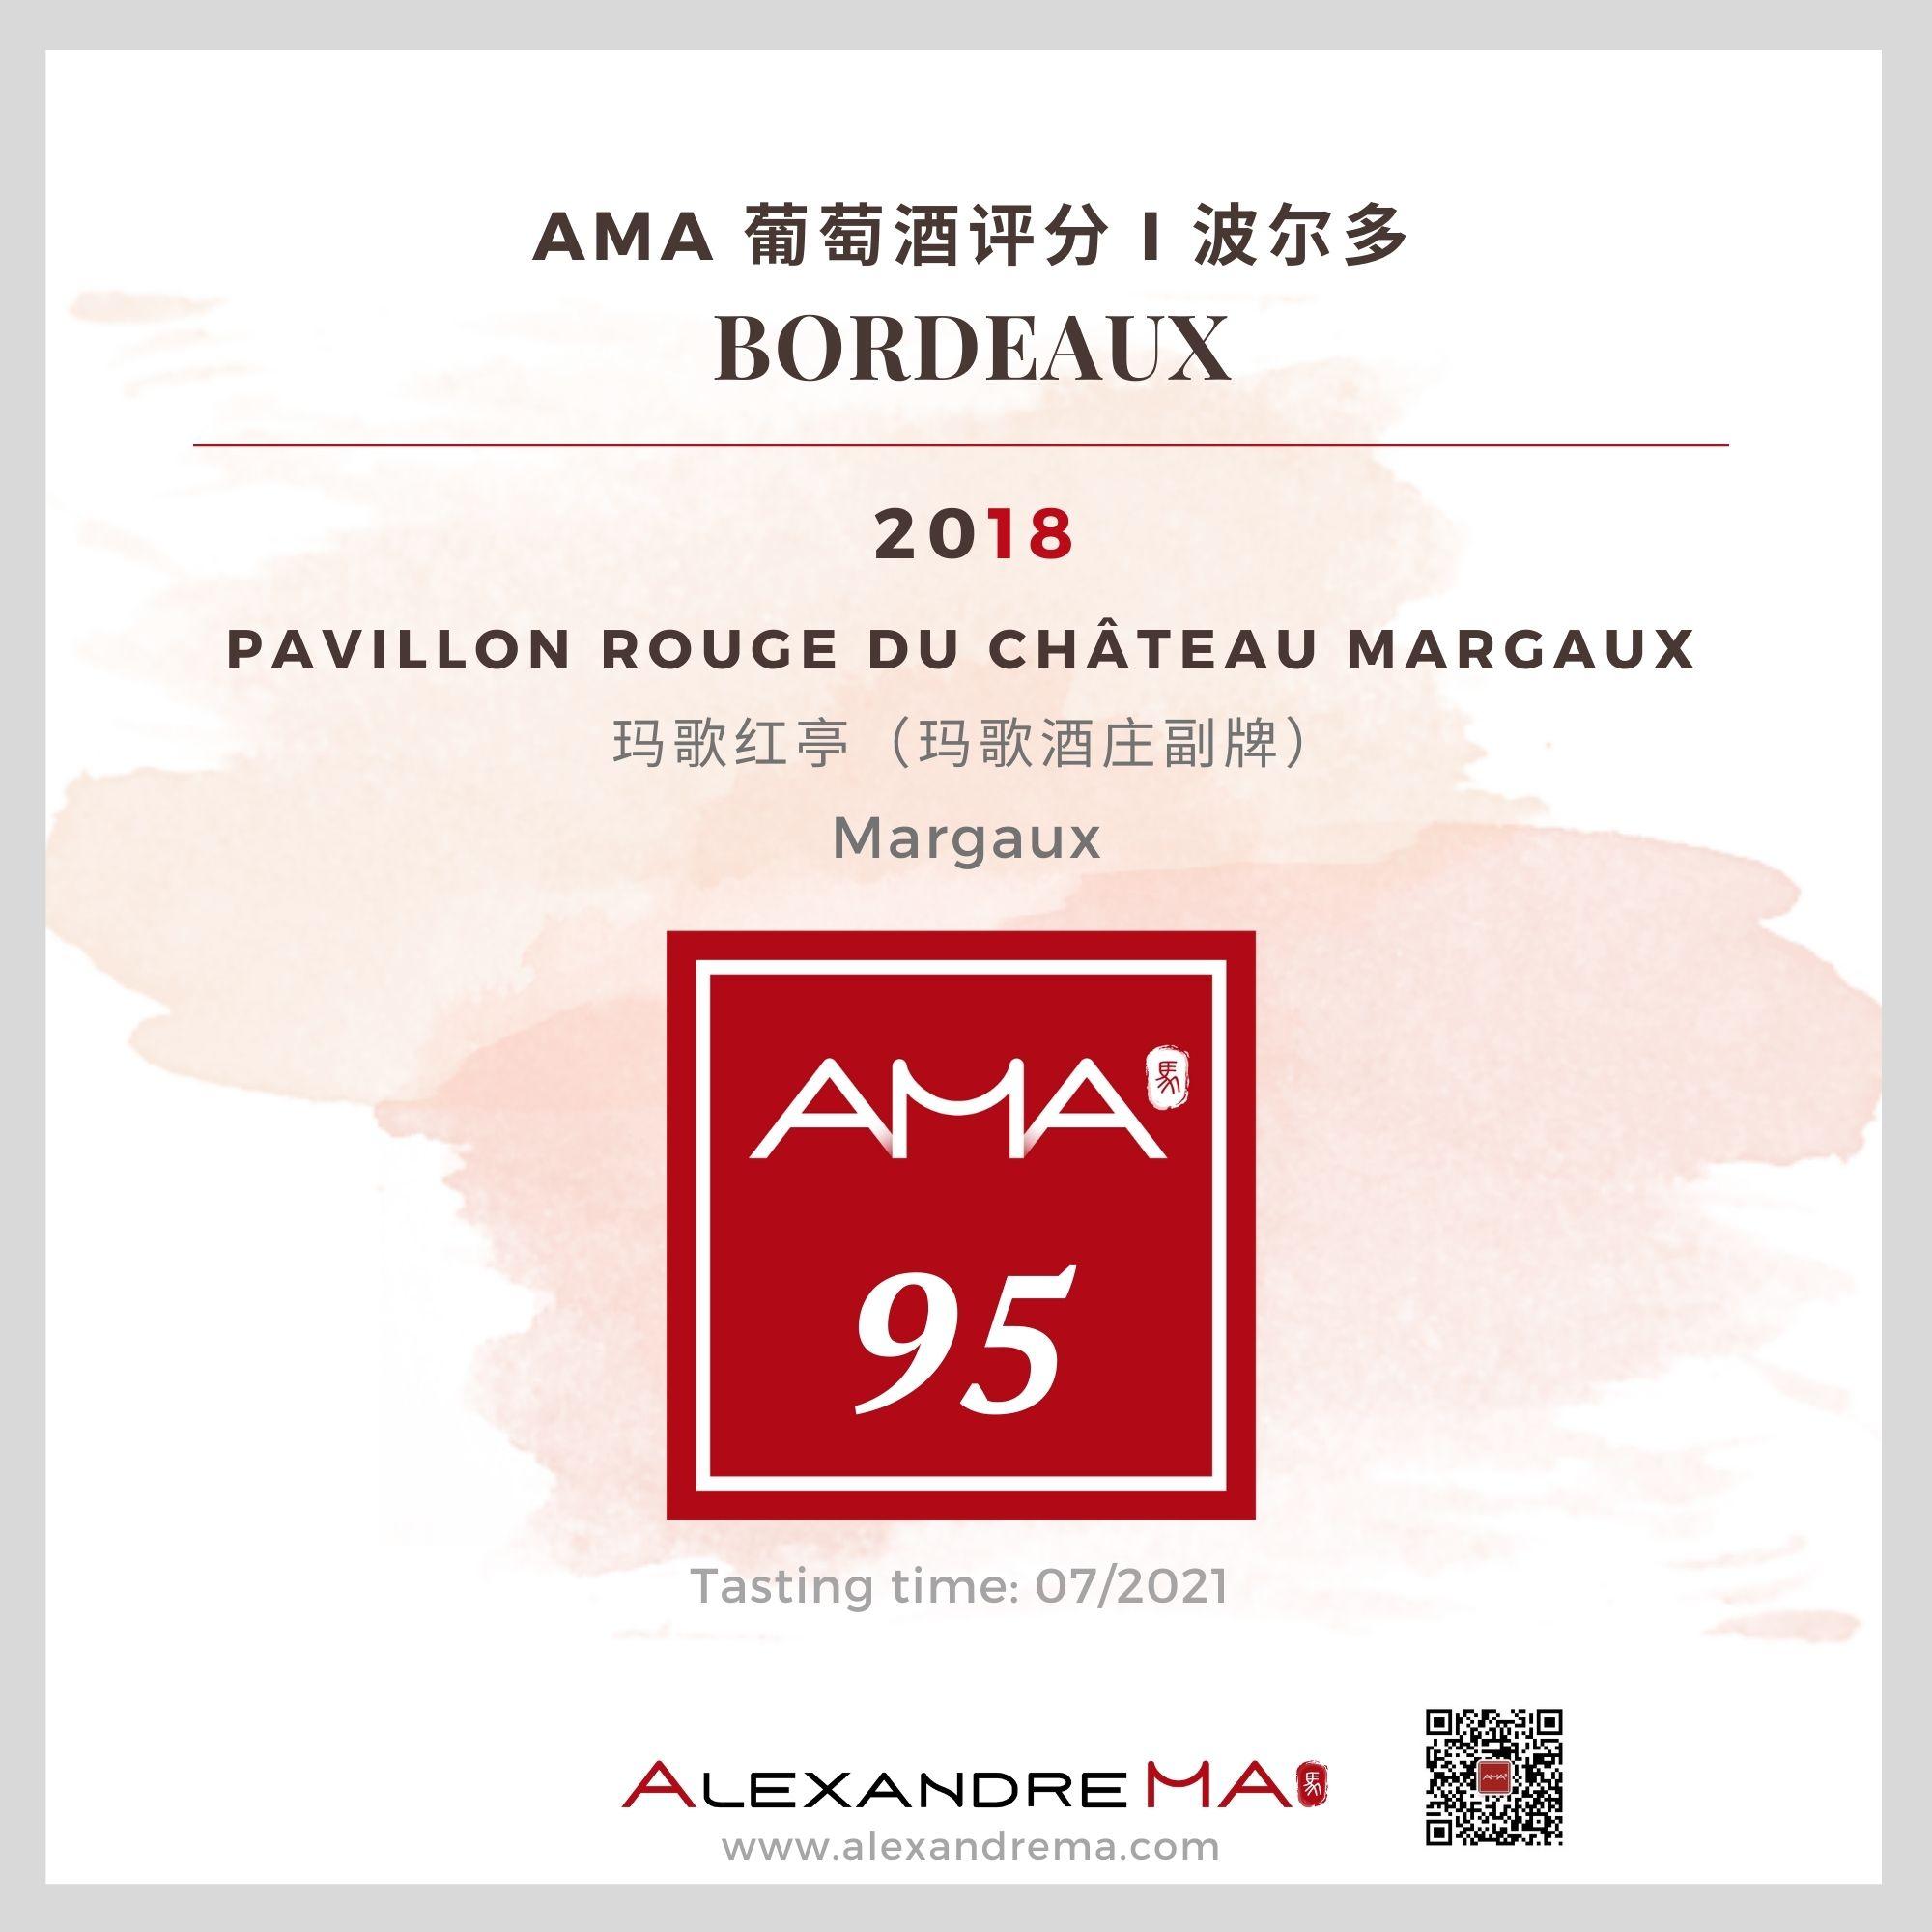 Château Margaux – Pavillon Rouge du Château Margaux 2018 - Alexandre MA